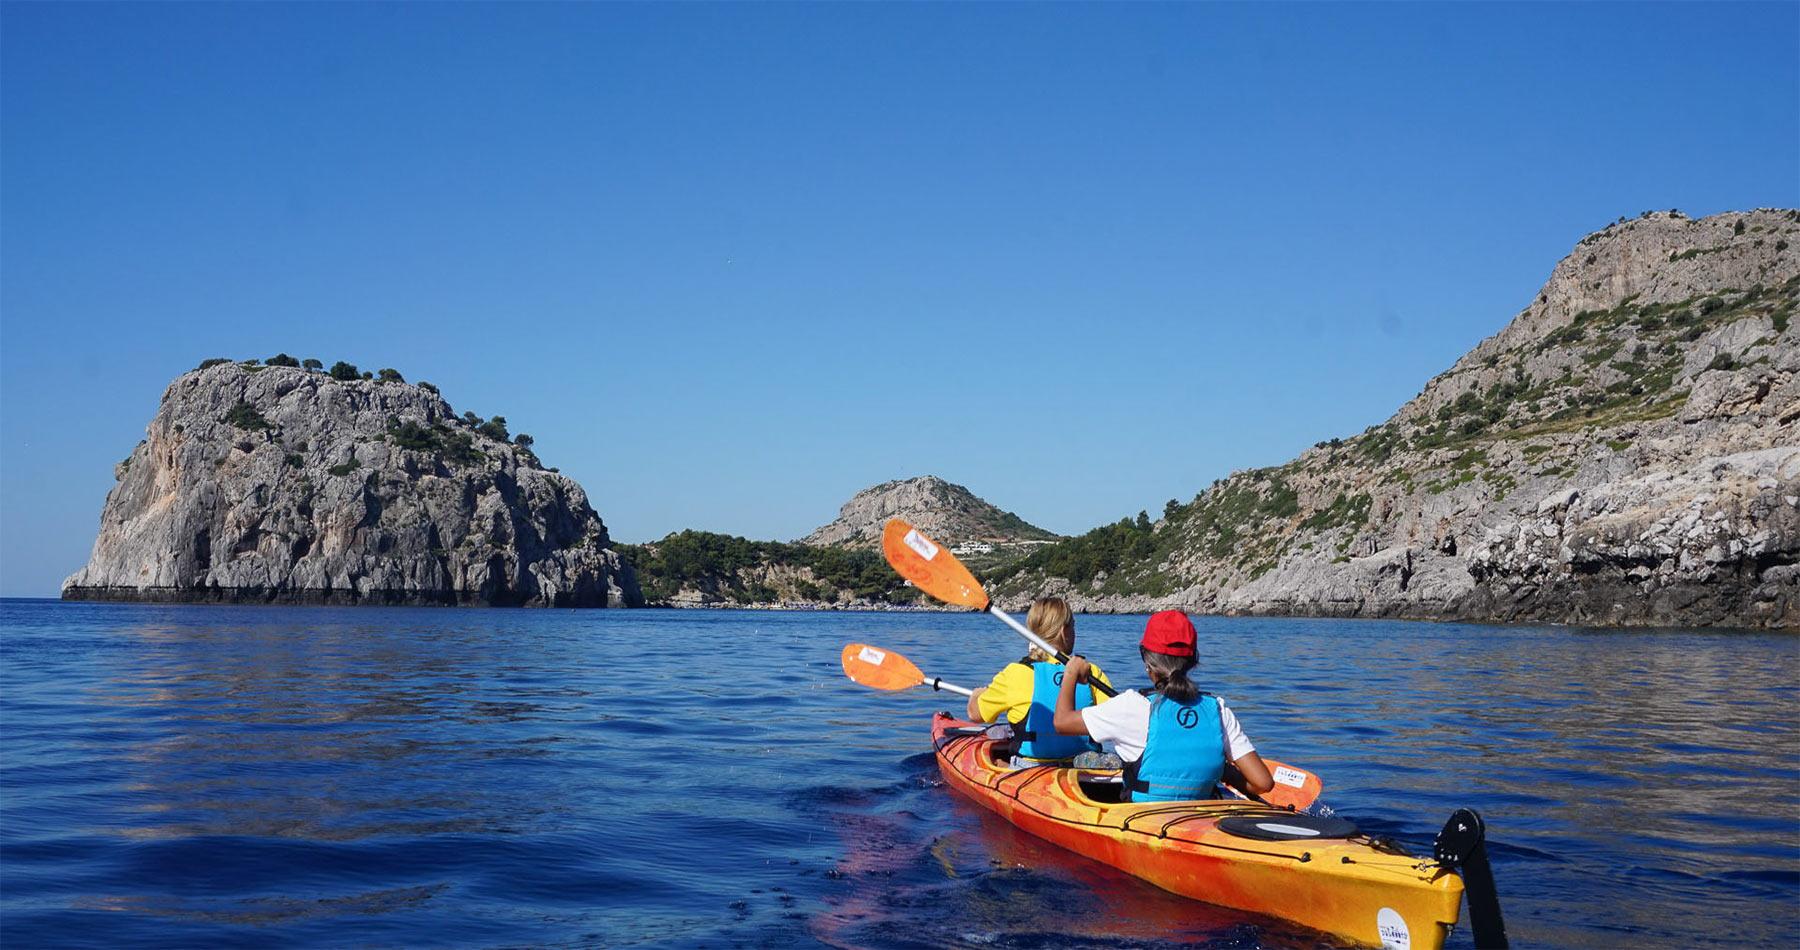 Rhodes Experiences sea kayaking tour the pirates route 11